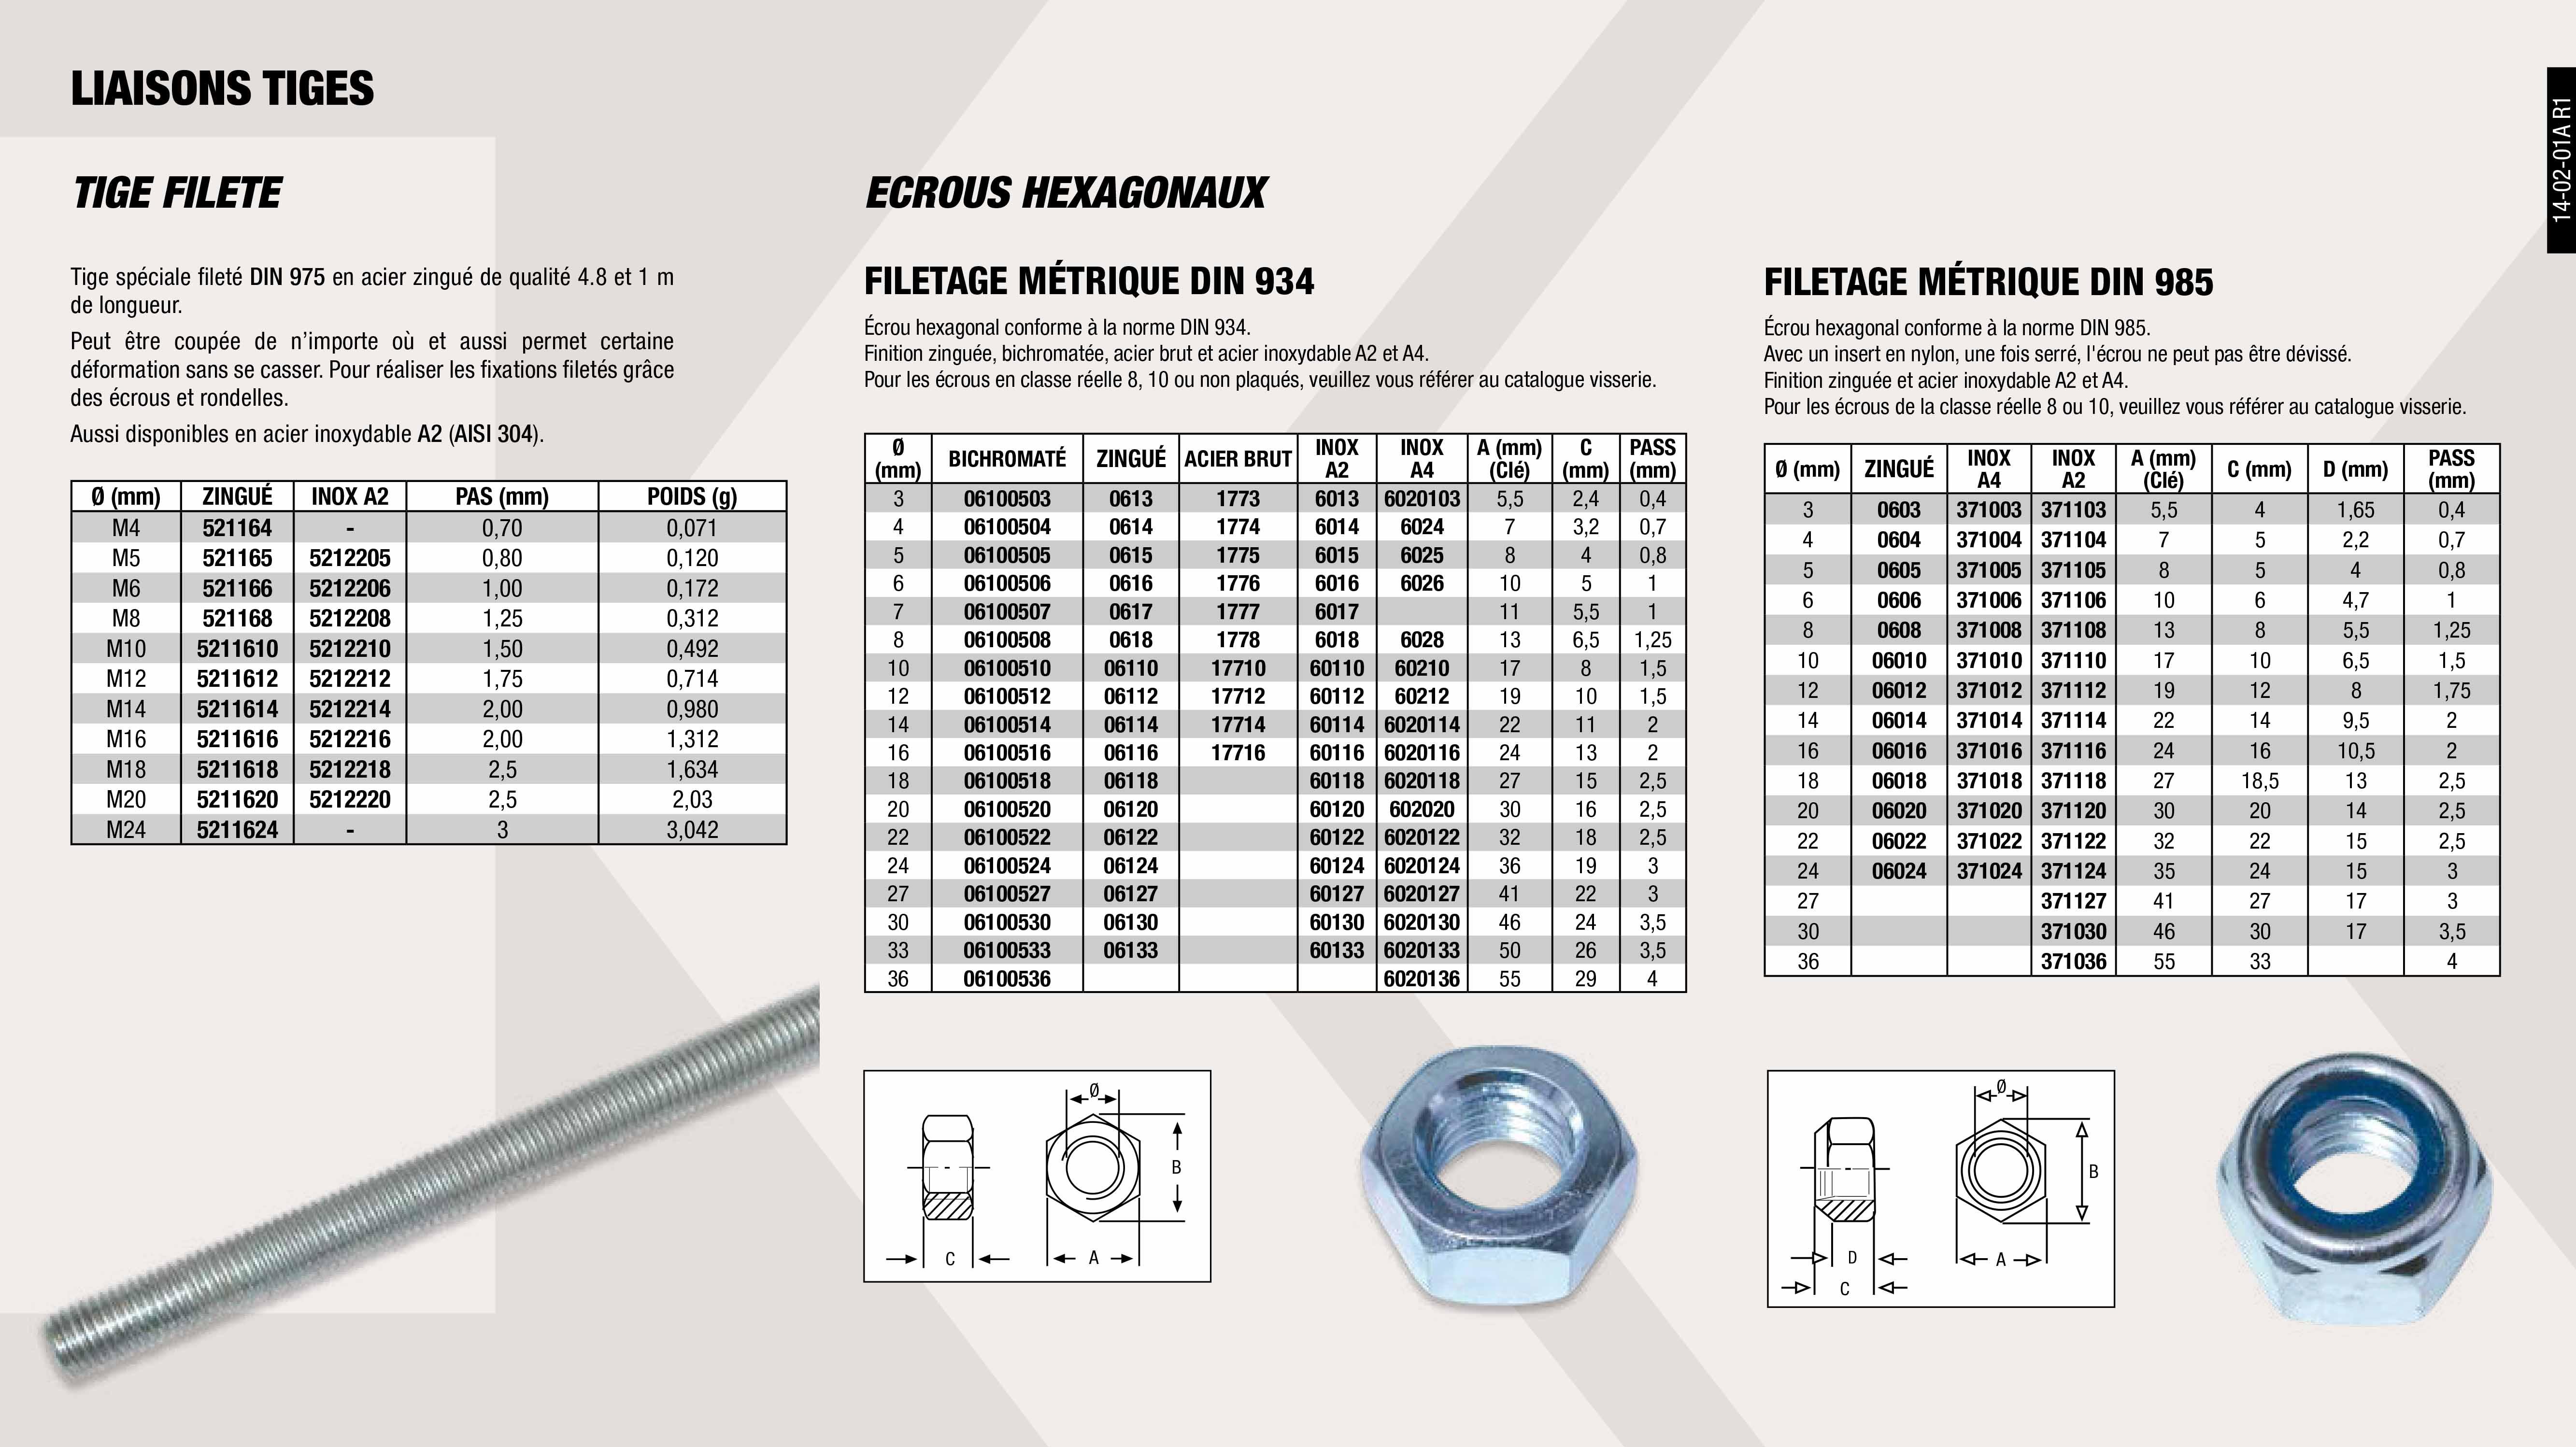 BOBINE 50 M CABLE ACIER GV 1,5 MM                           ,  BOBINE 50 M CABLE ACER GV 2,5 MM                            ,  MECANISME BLOQUE CABLE ACIER 1,5-2,5 MM                     ,